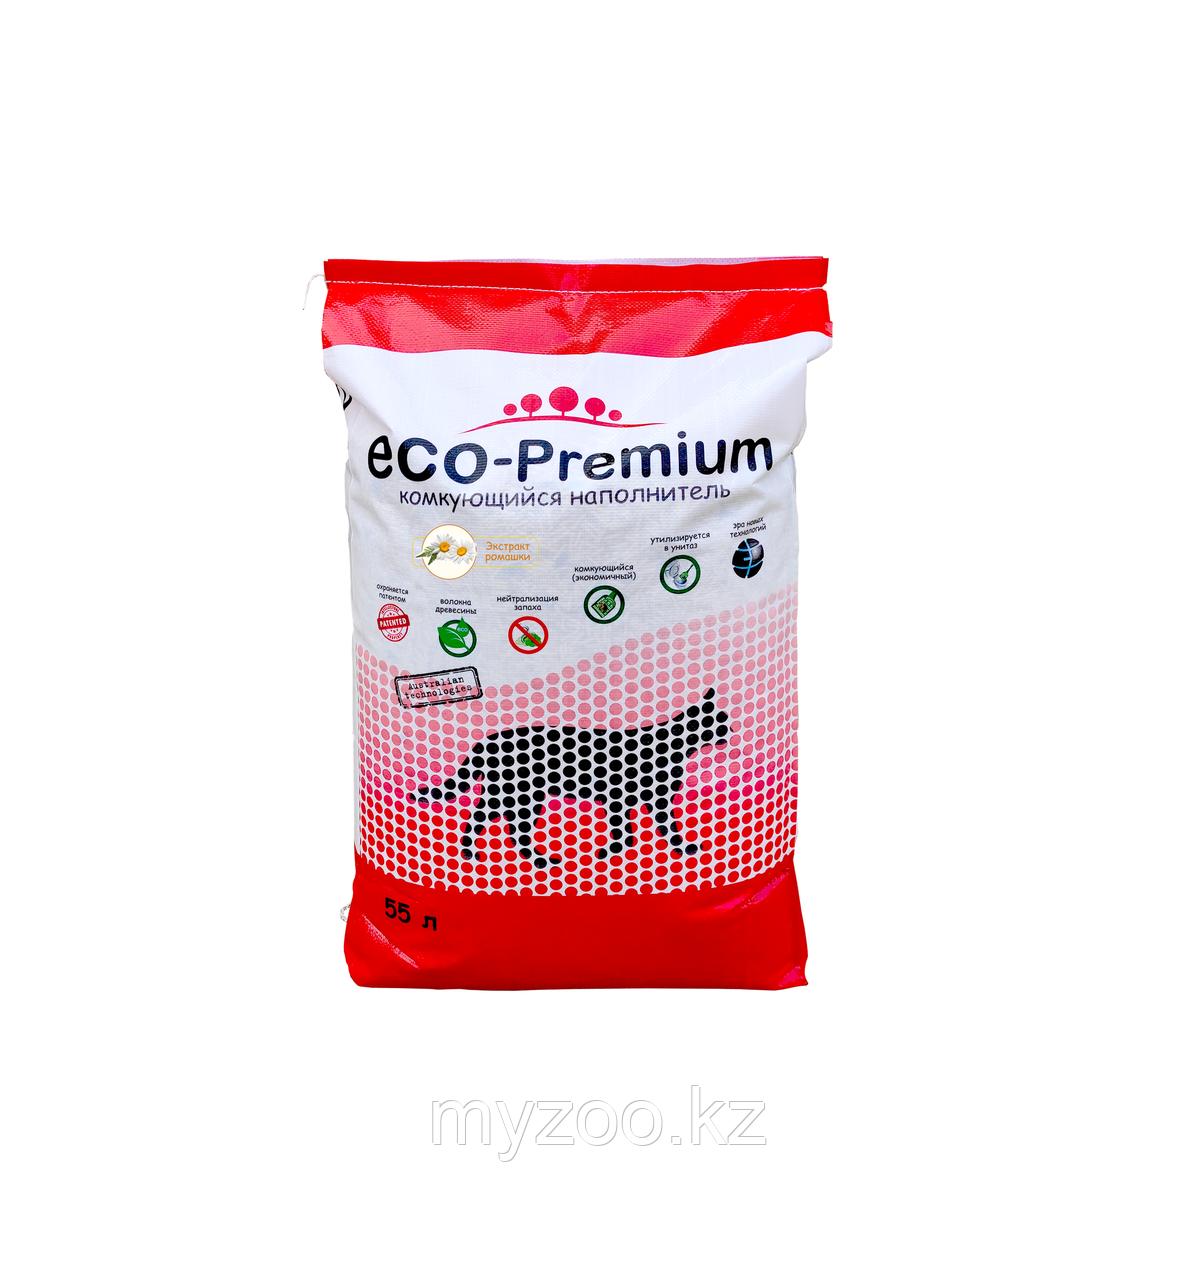 ECO-Premium Ромашка, 55 л - 20 кг |Эко-премиум комкующийся древесный наполнитель|